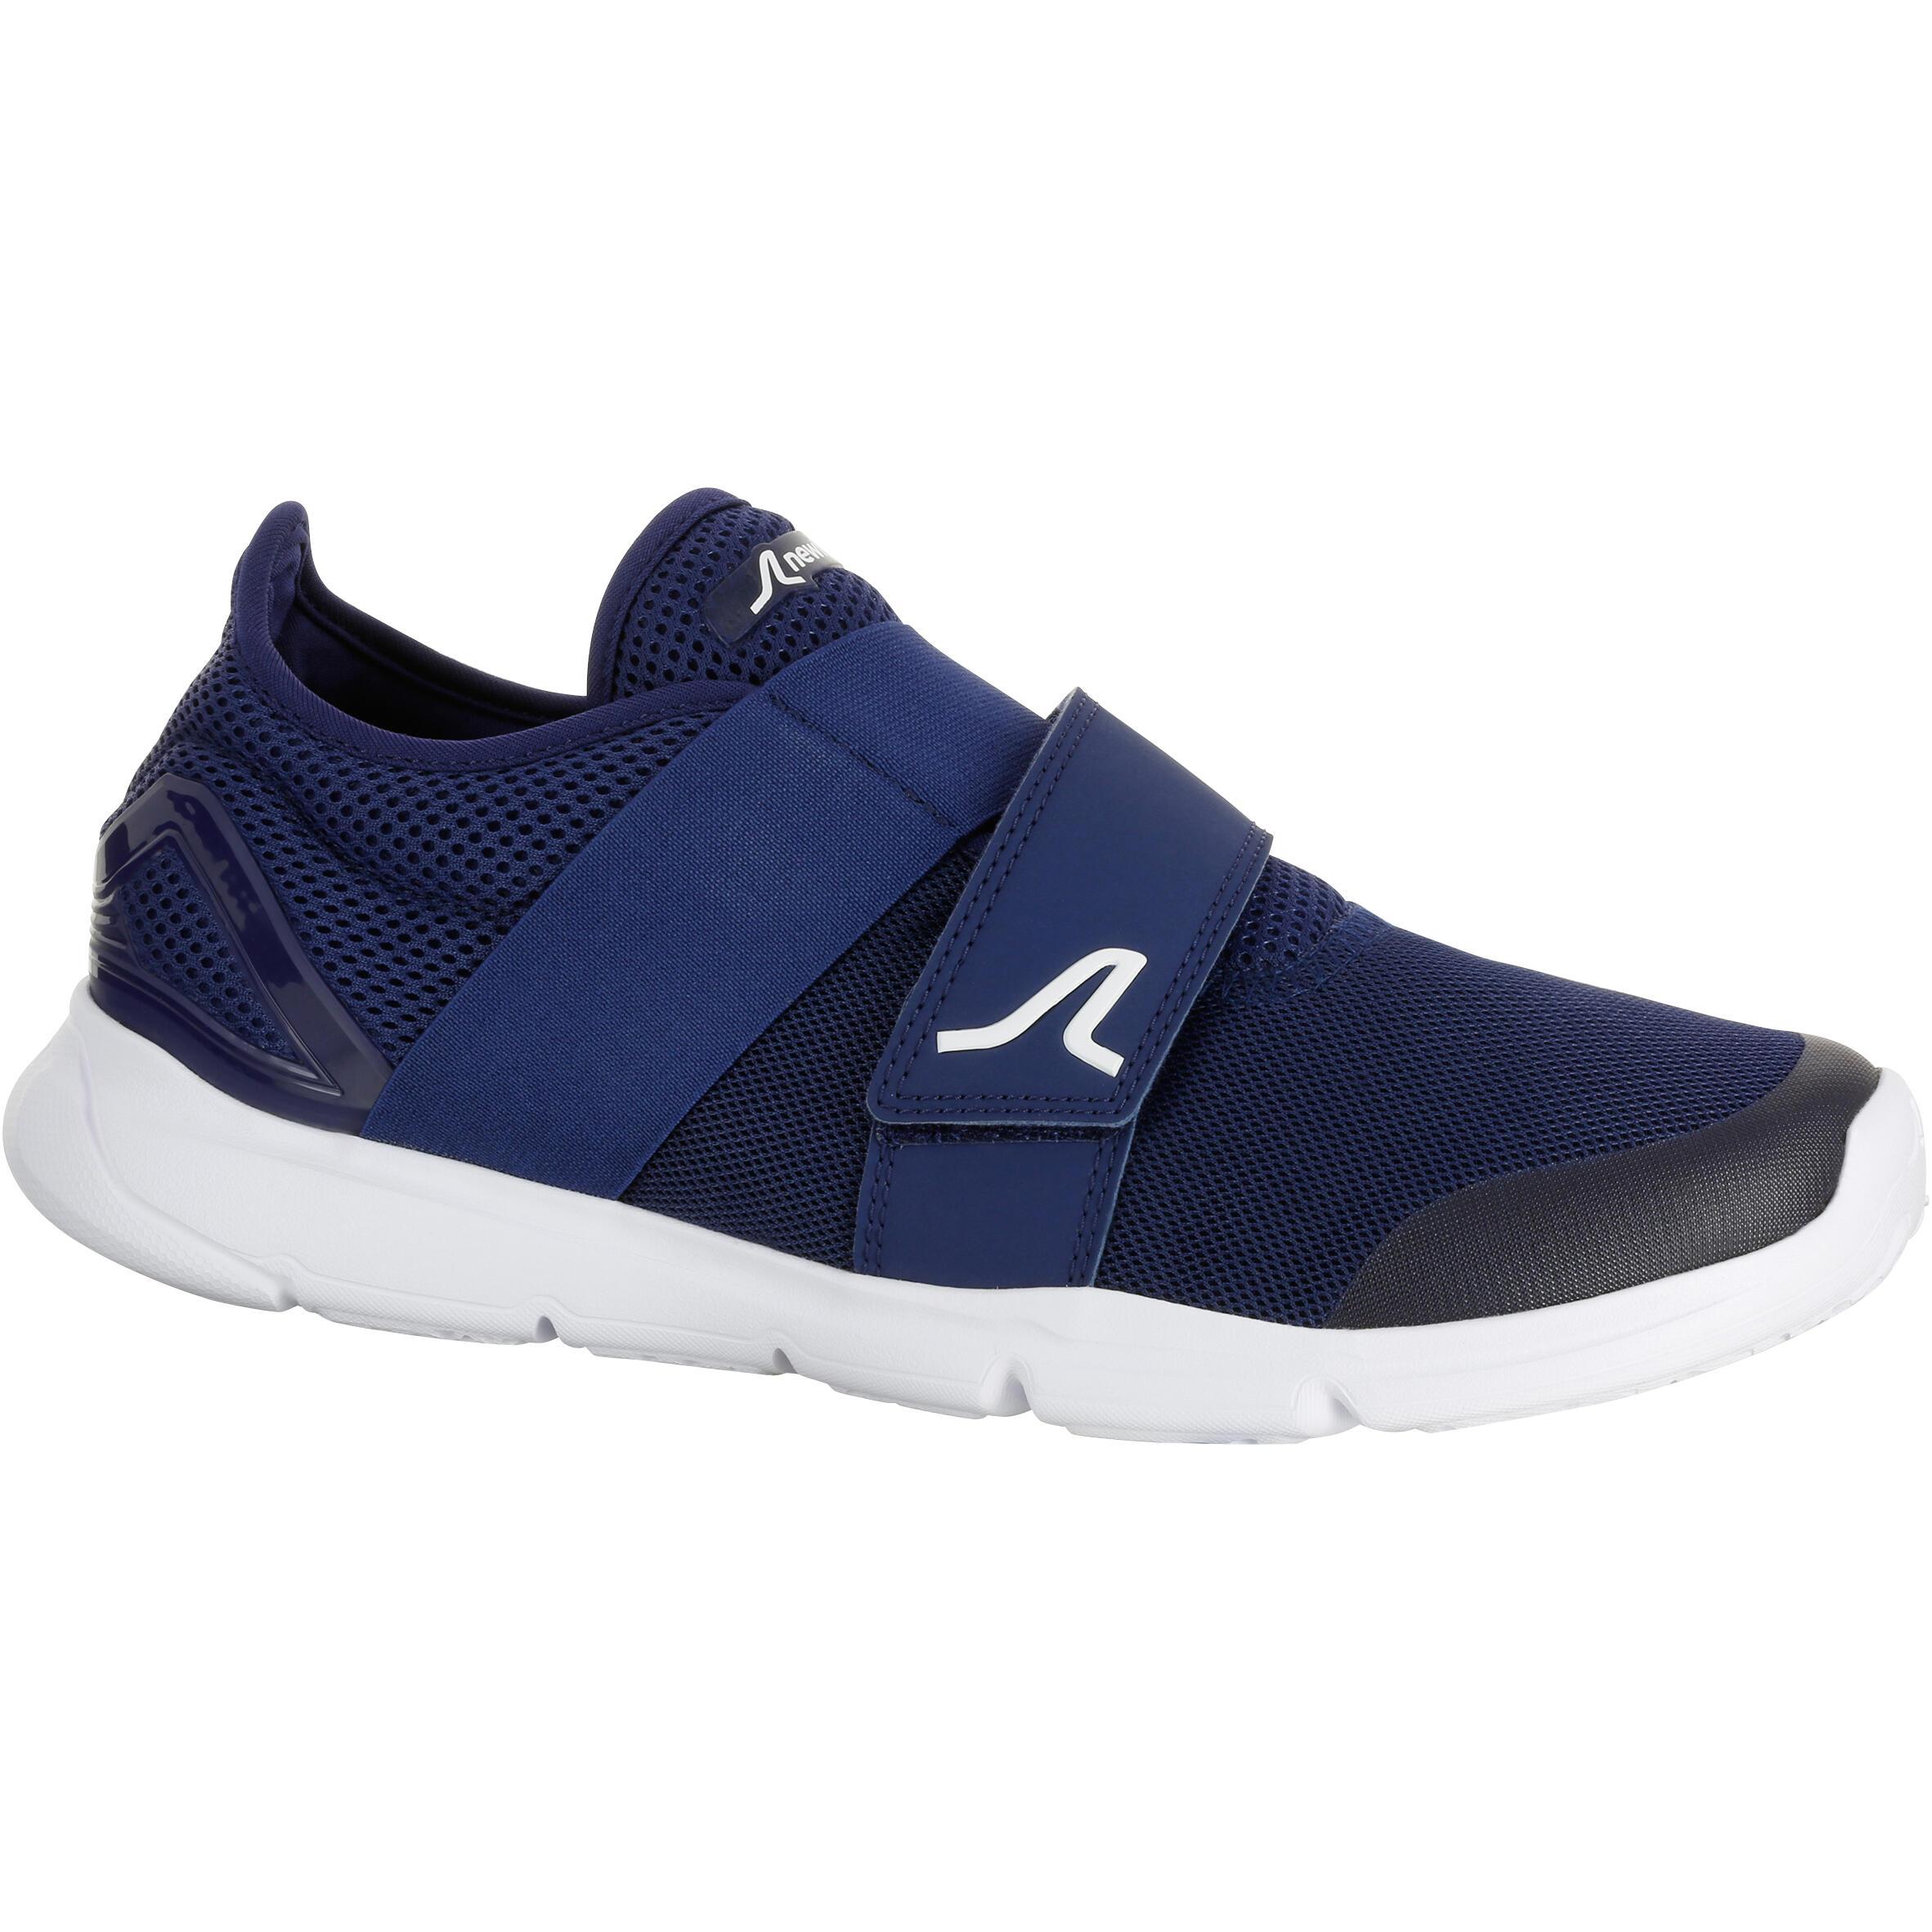 Tenis de caminata deportiva para hombre Soft 180 Strap azul / blanco